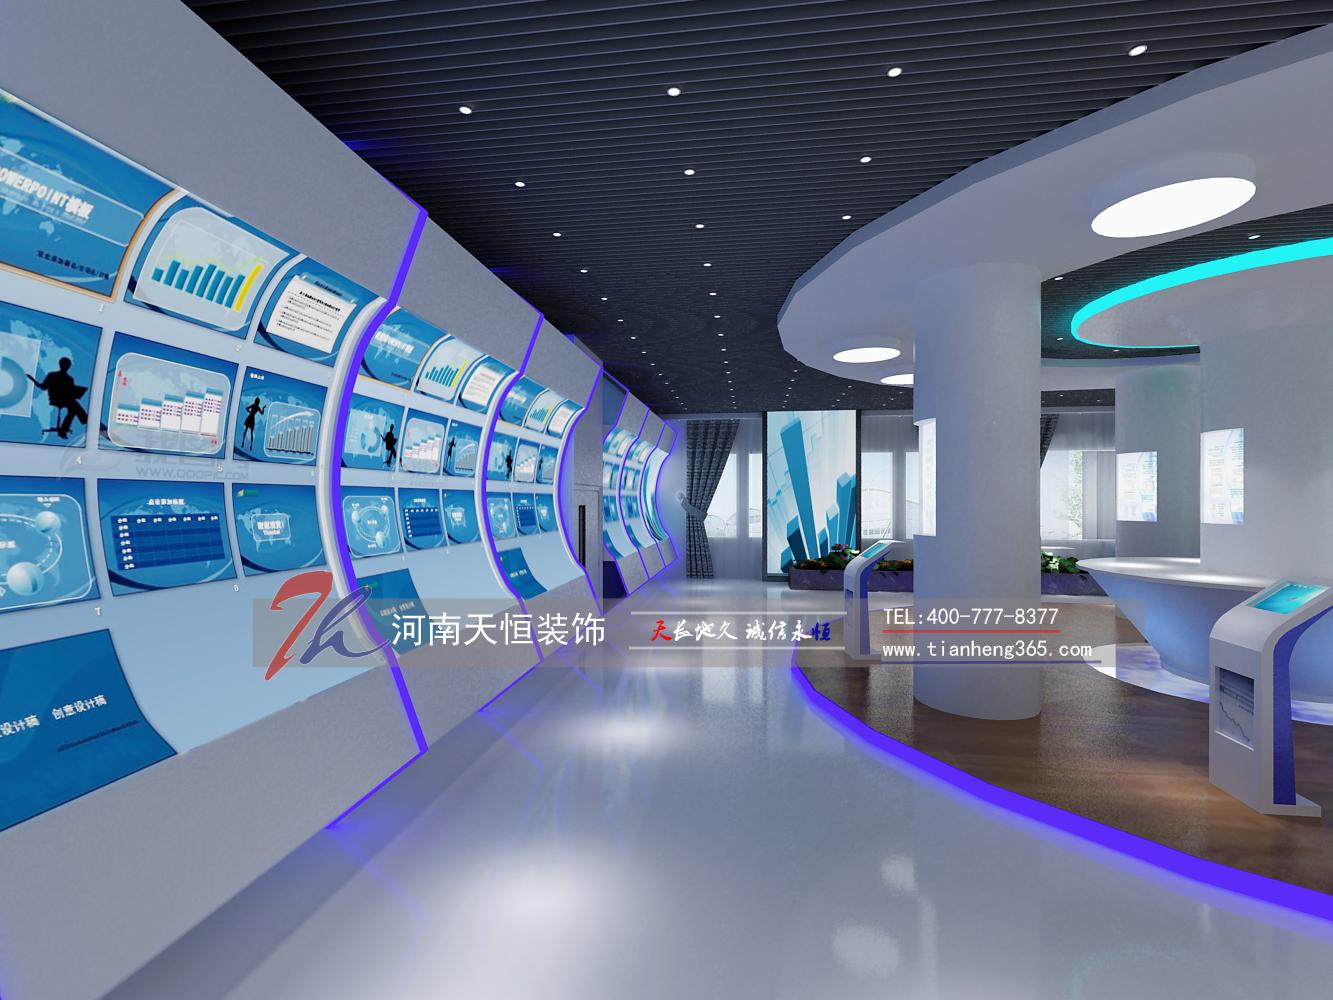 郑州展厅装修 企业展厅设计 露露集团企业展厅